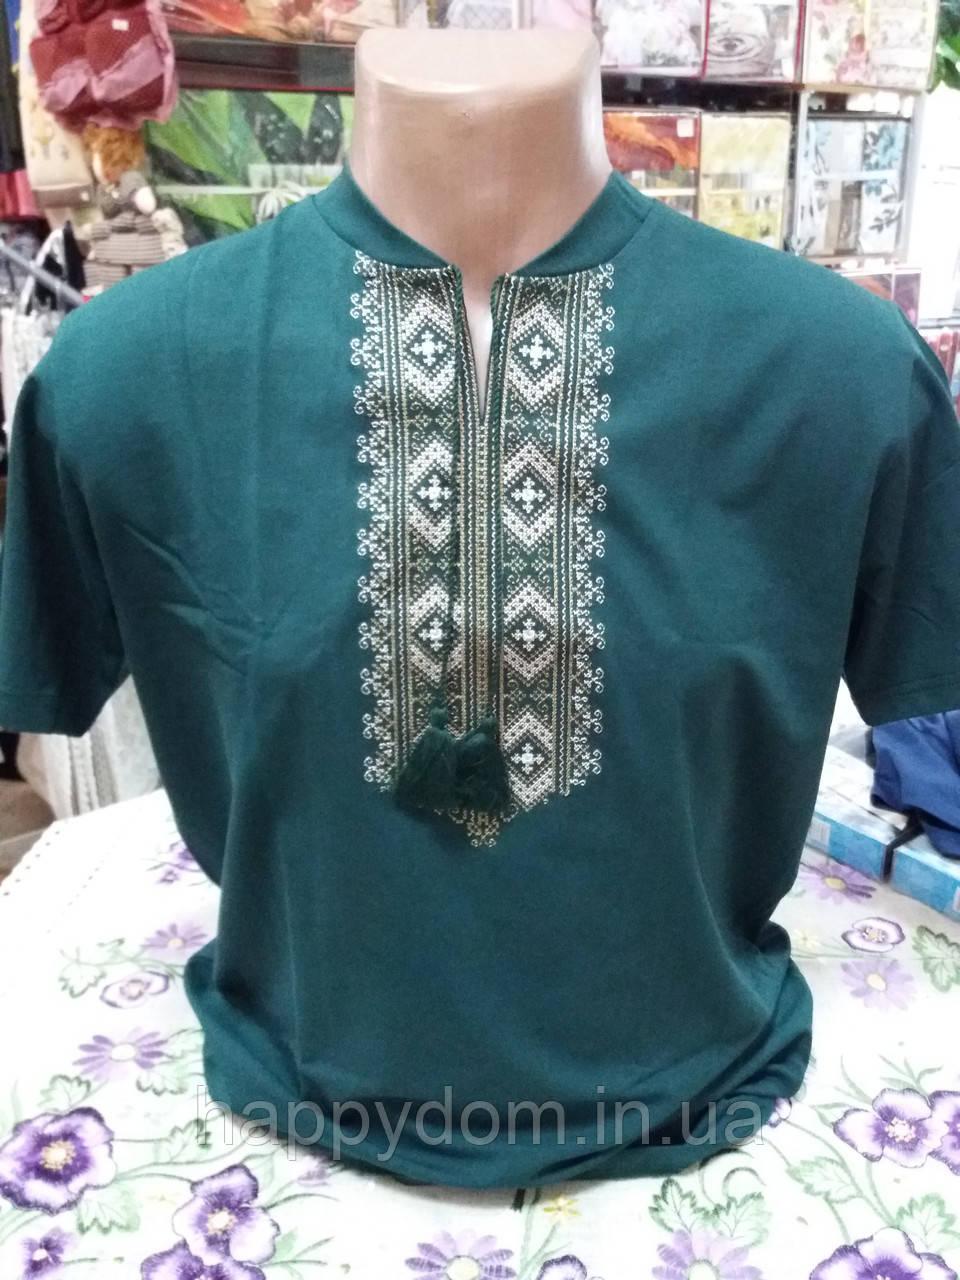 Вышиванка футболка мужская зеленая